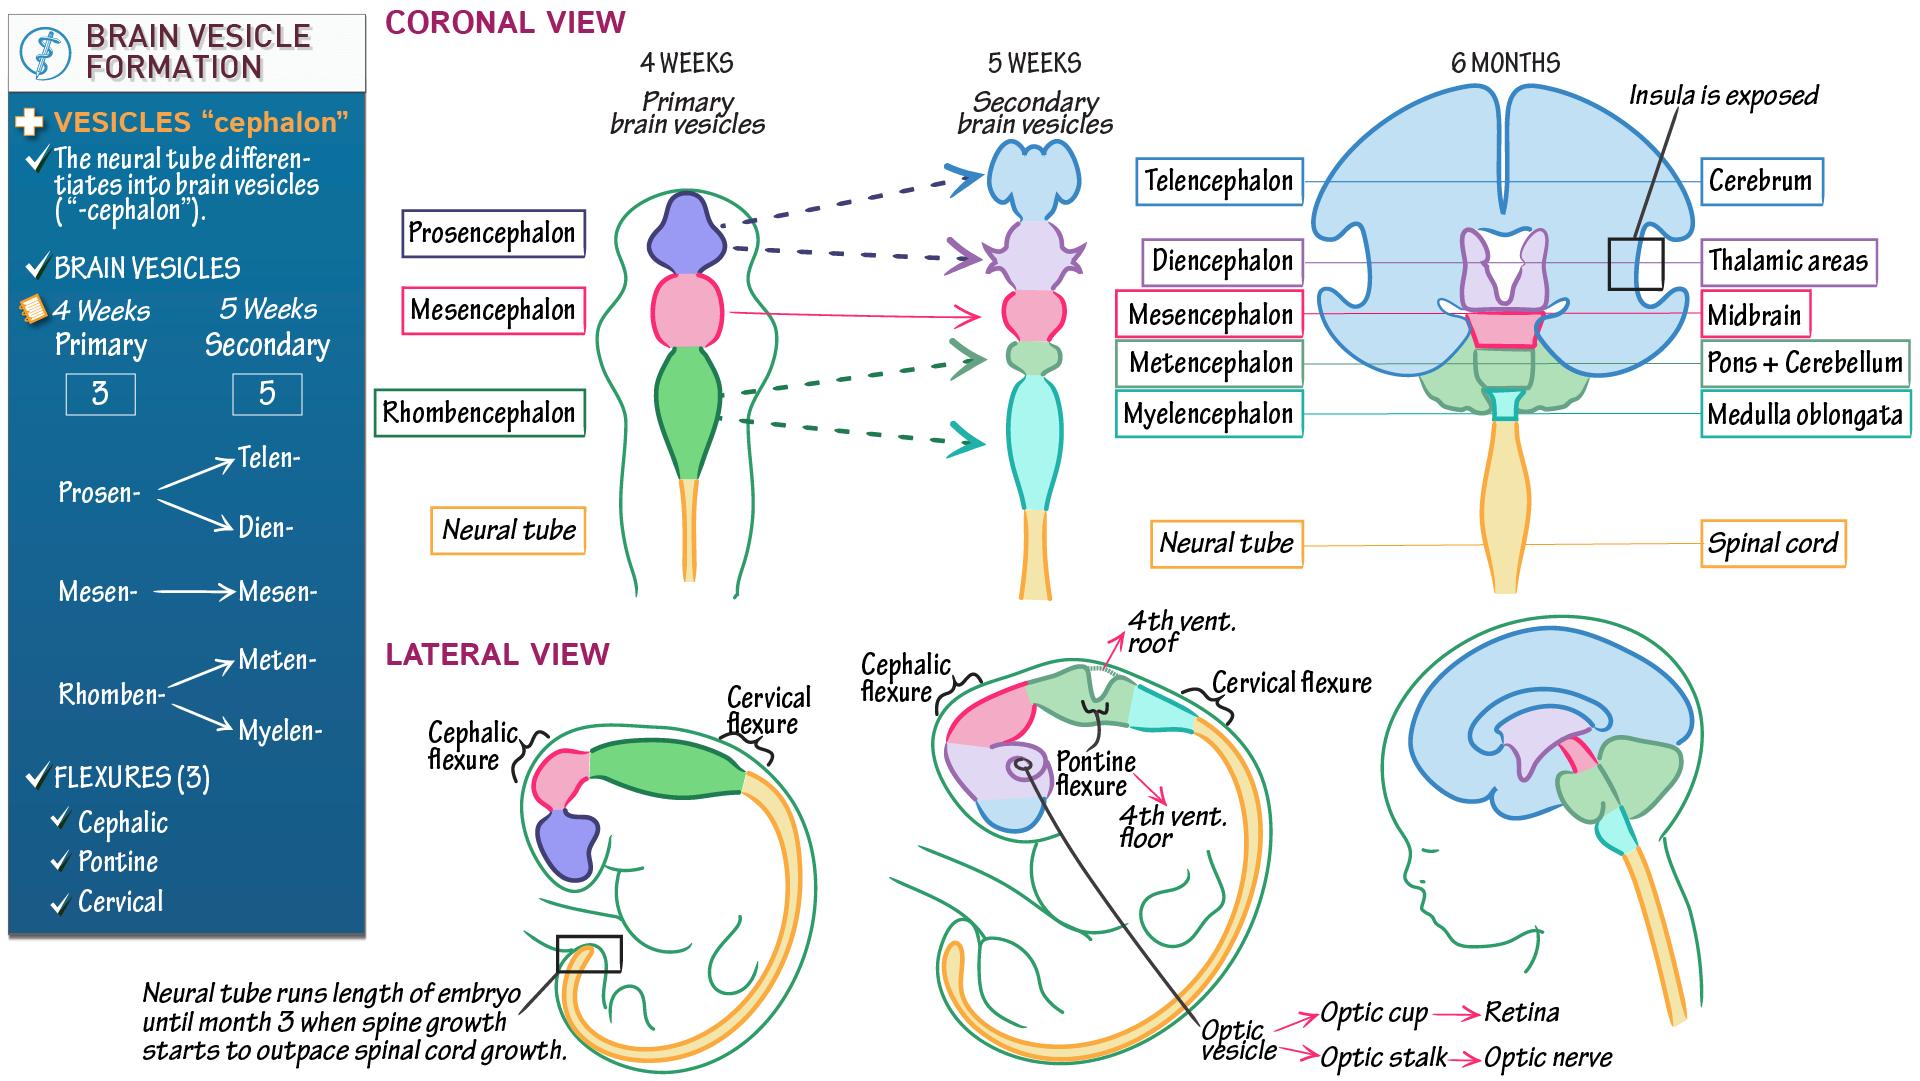 Neuroanatomy: Brain Vesicle Formation | Draw It to Know It